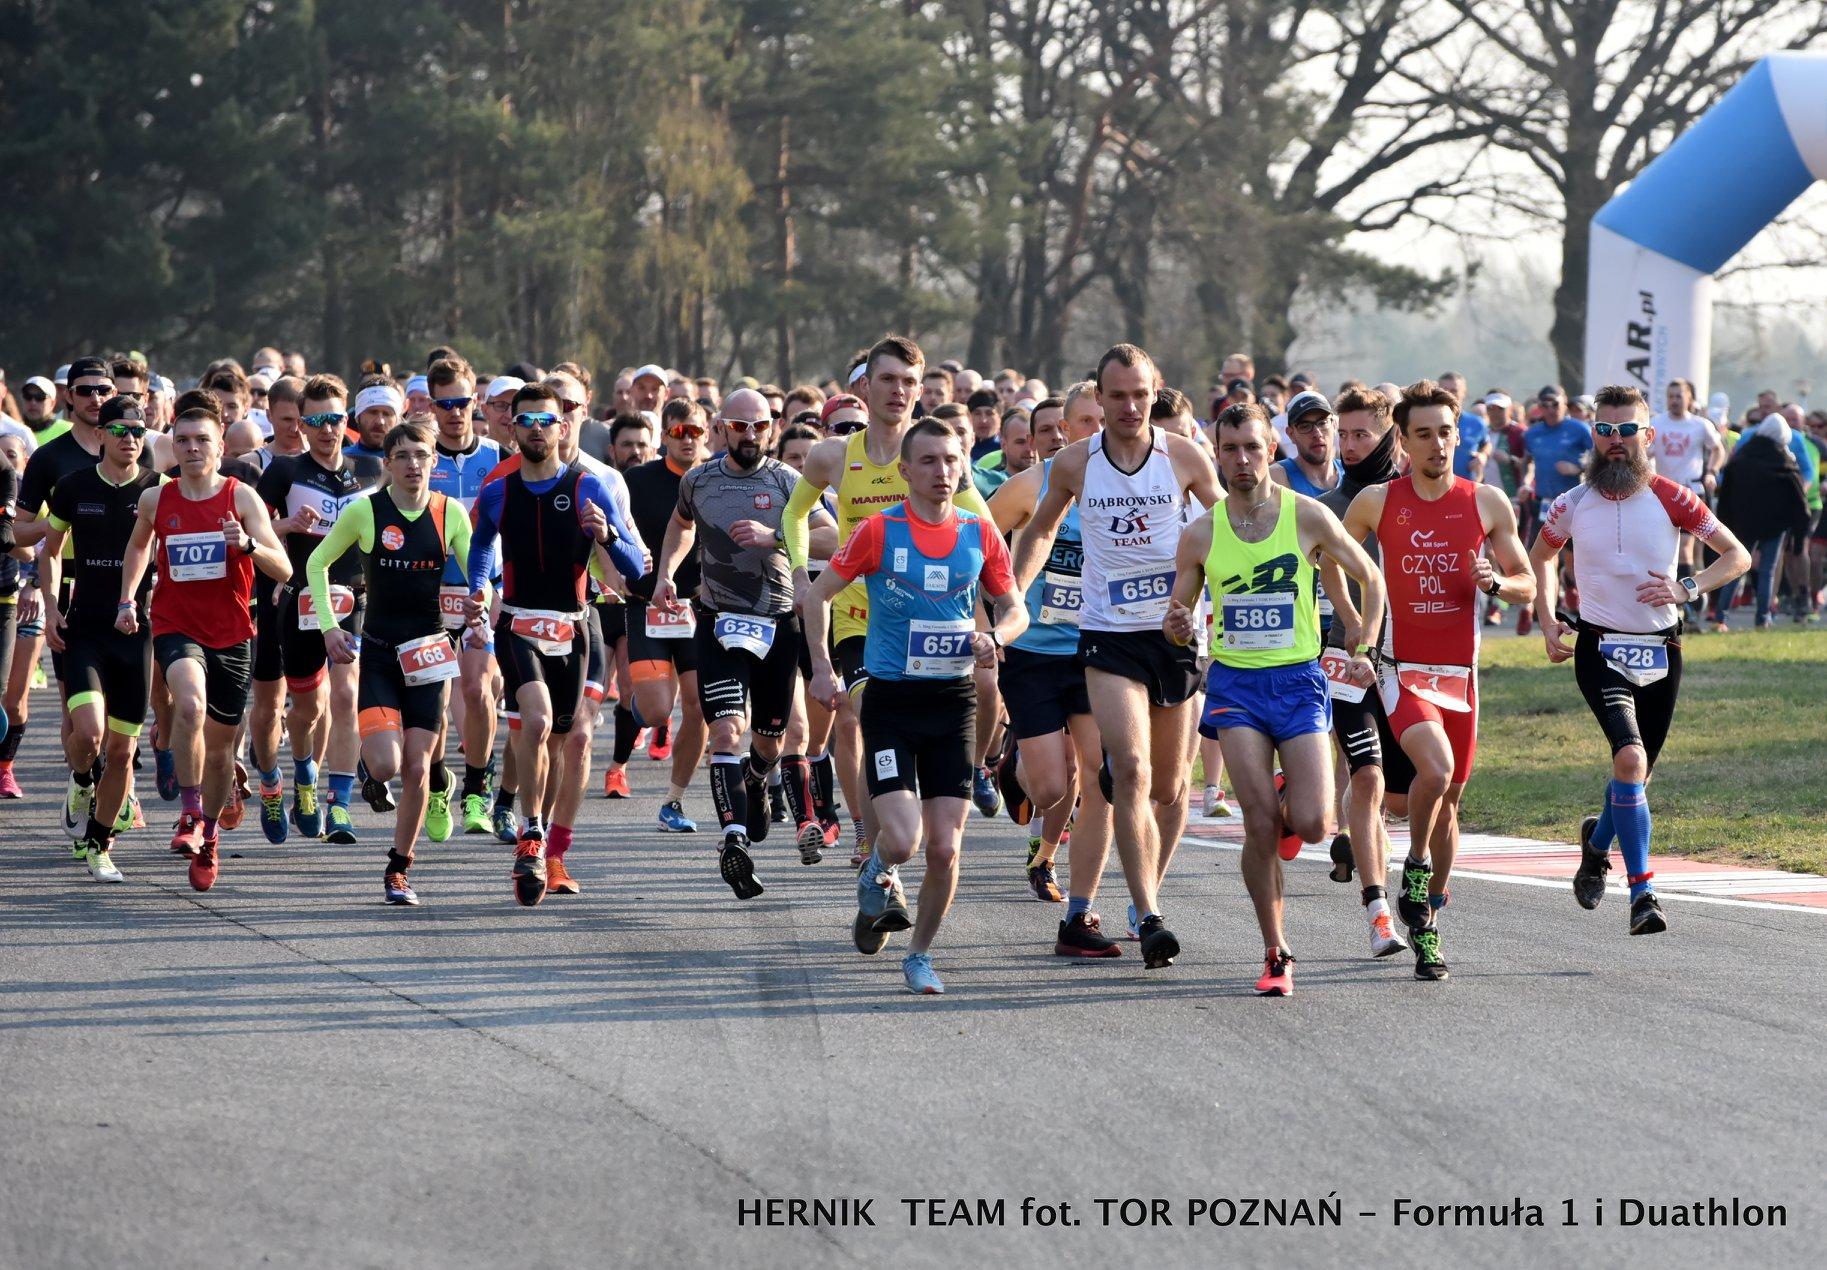 Nasz Patronat. Prezentujemy medal 7. Biegu Tor Poznań Formuła 1 #wyścigowapiątka